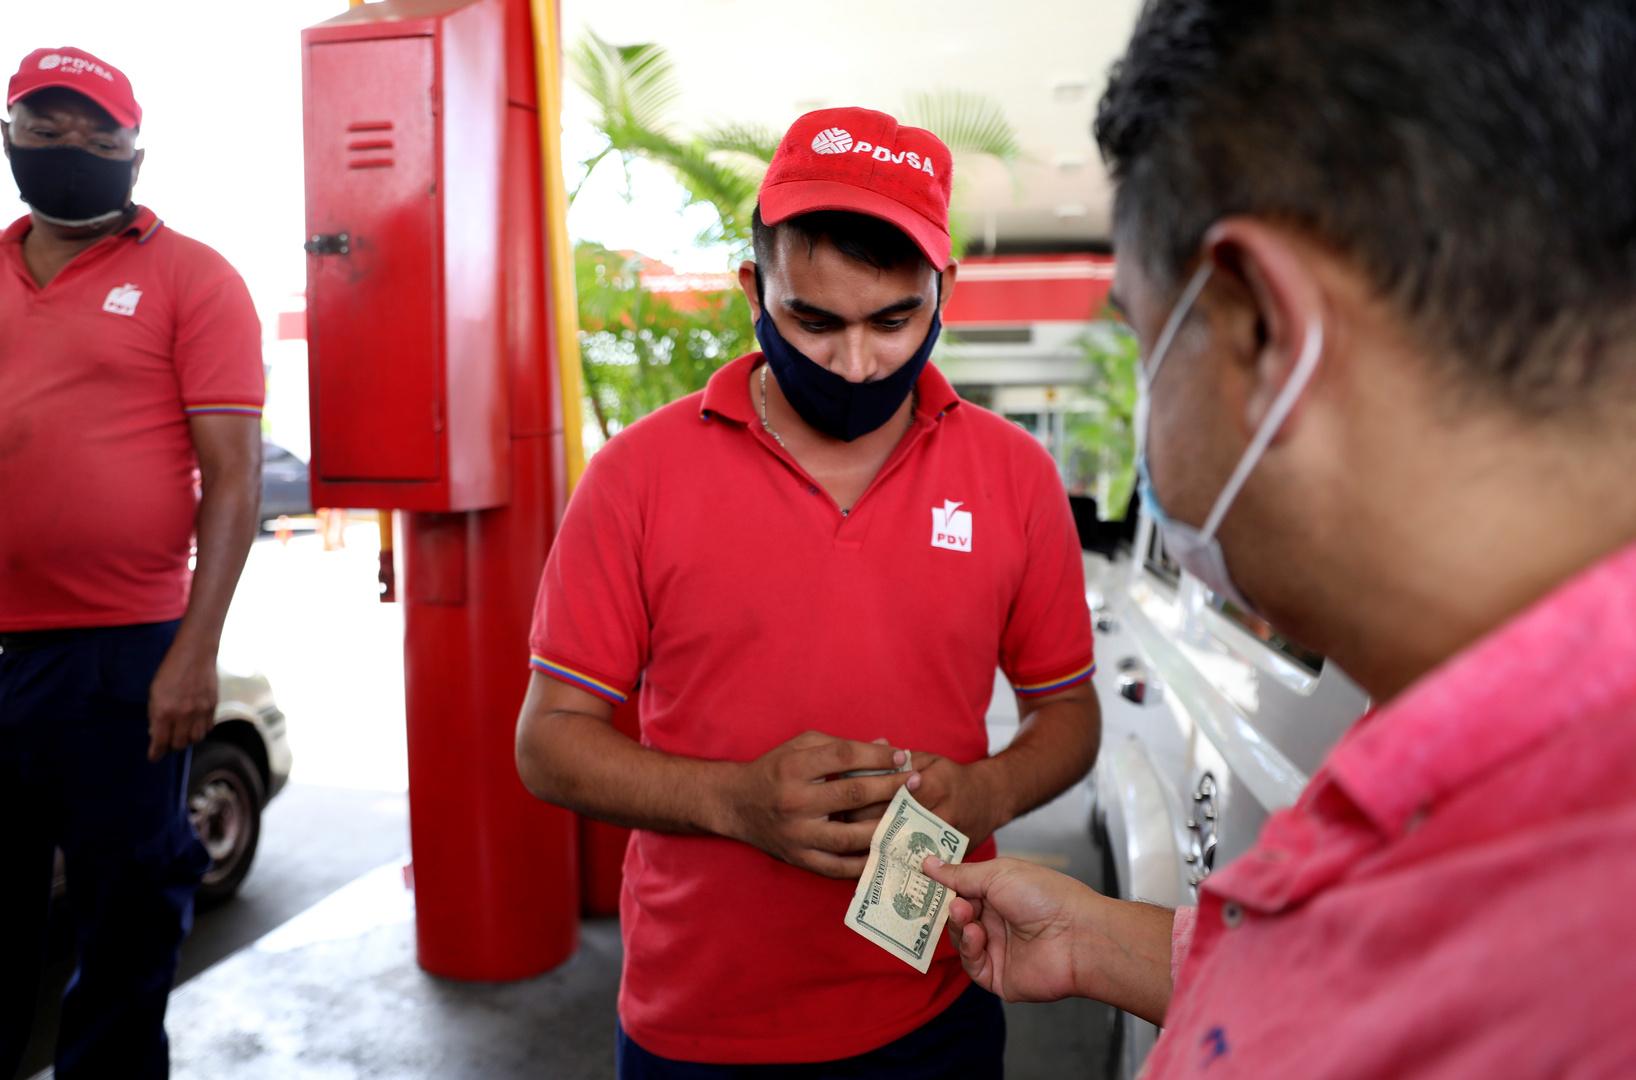 النفط يهبط في ظل مخاوف من انتكاسة جديدة للطلب على الوقود